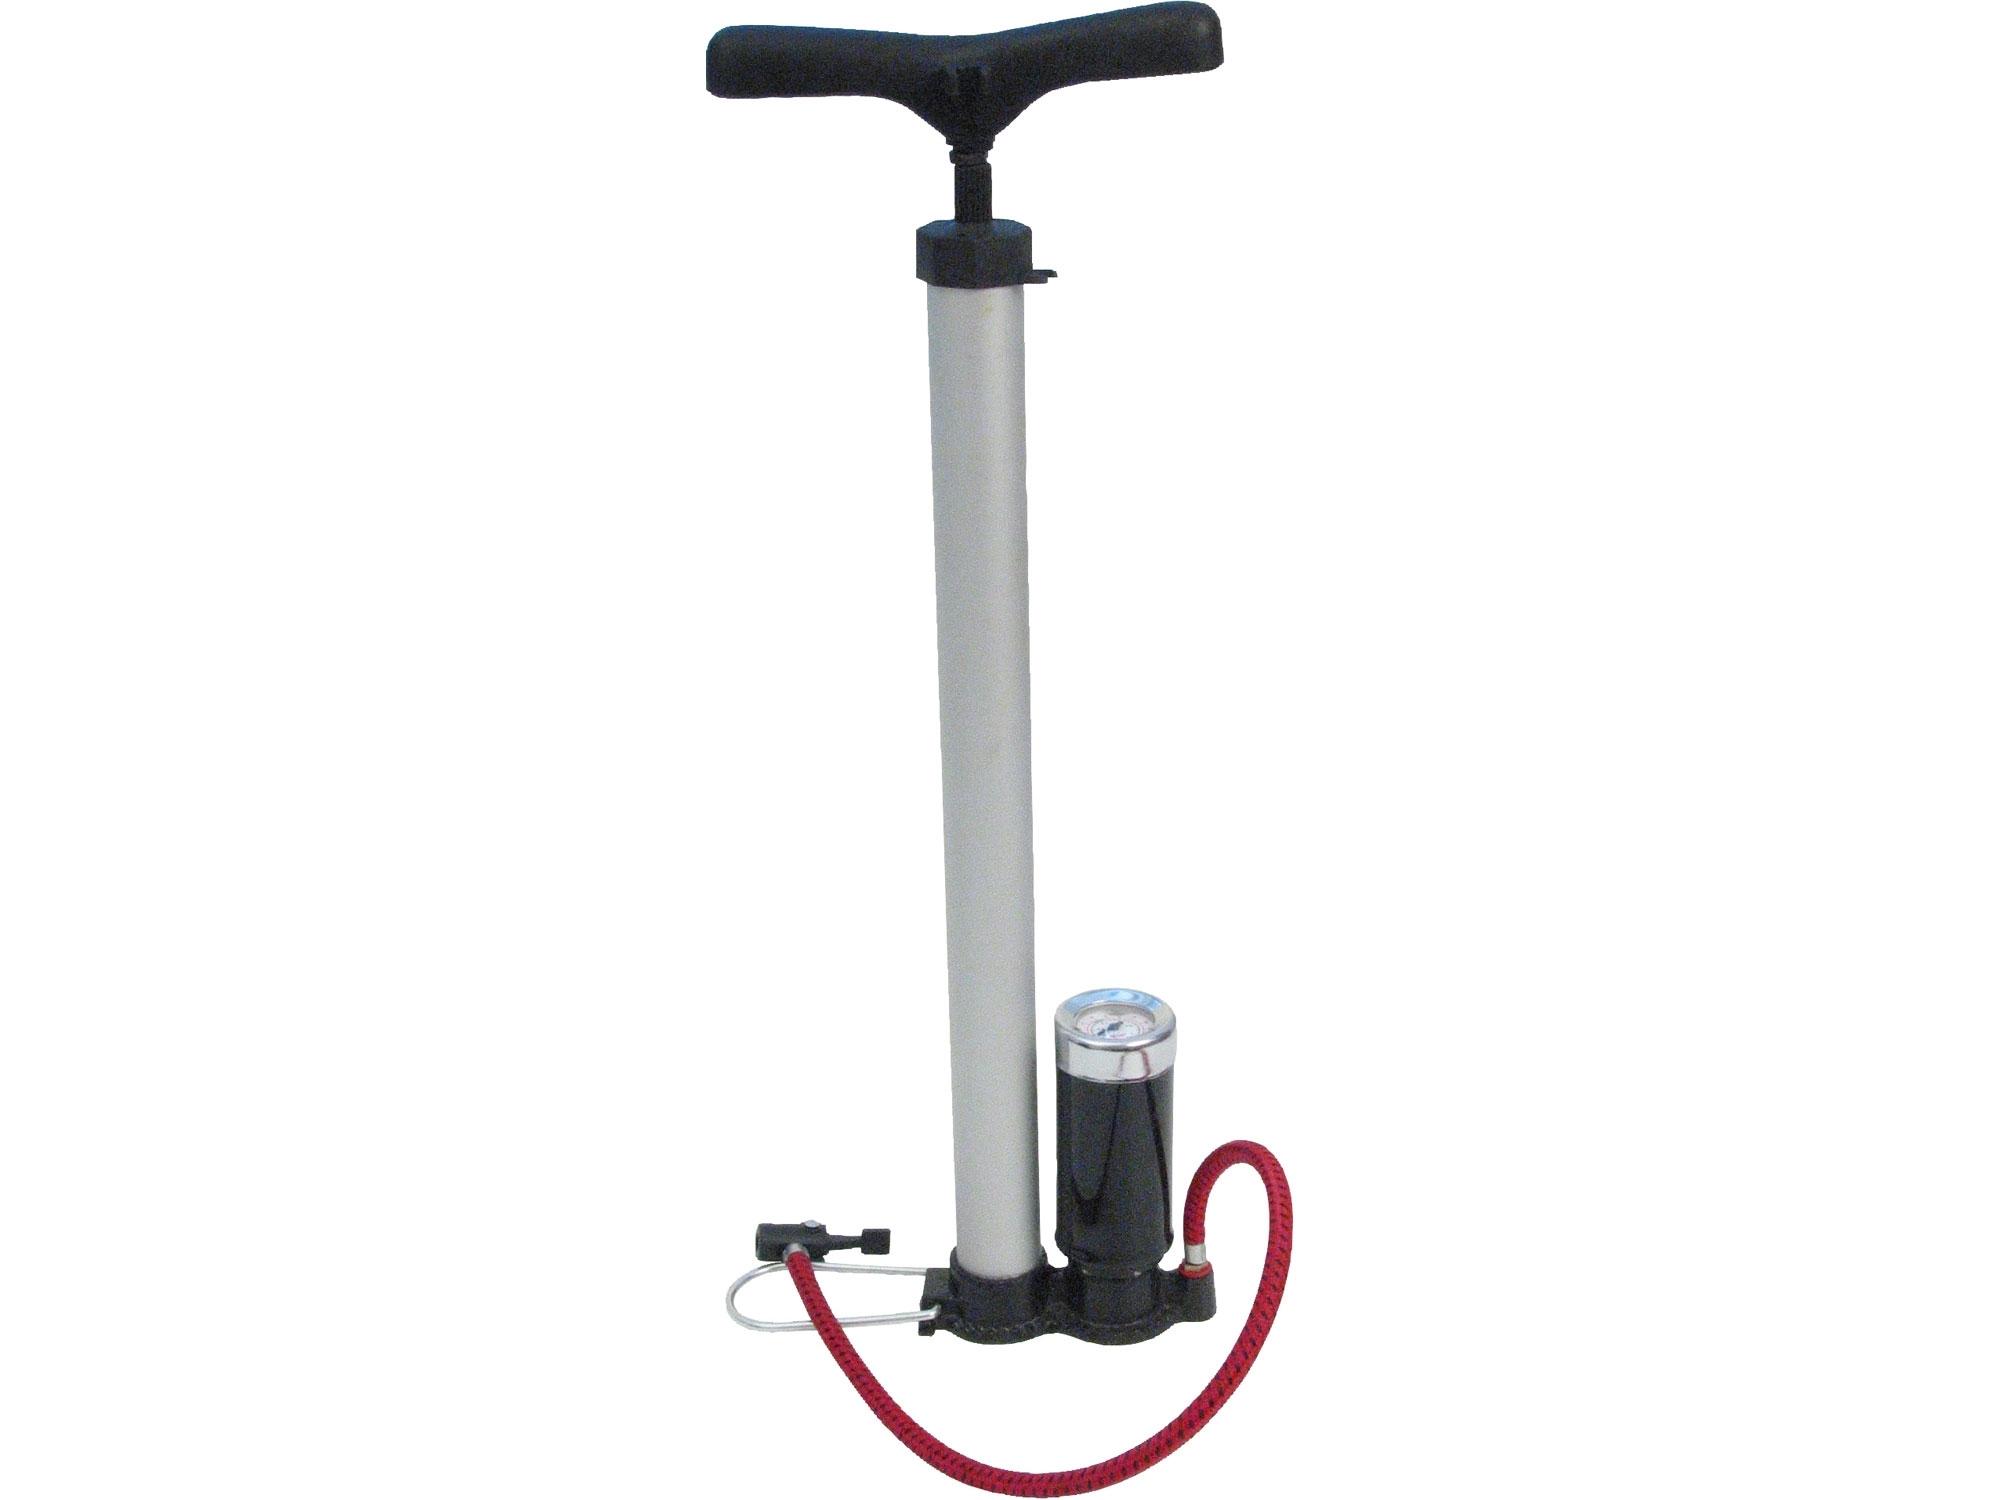 pumpa na kolo s manometrem, 100PSI/7bar, EXTOL CRAFT 9615